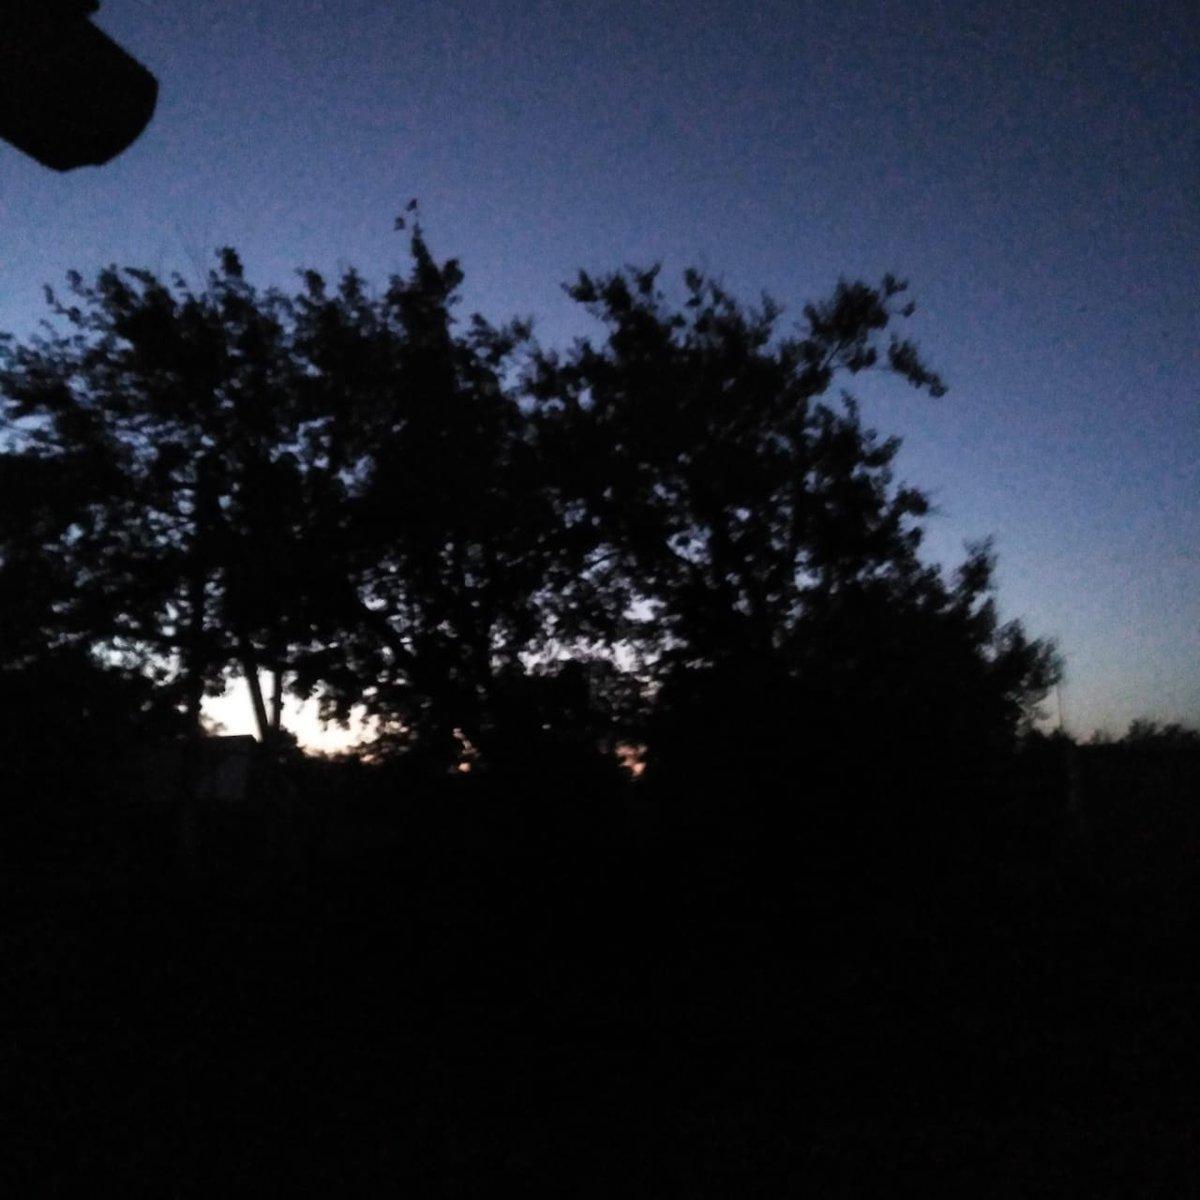 Night. I love night  #night pic.twitter.com/BgIIAgqqaI